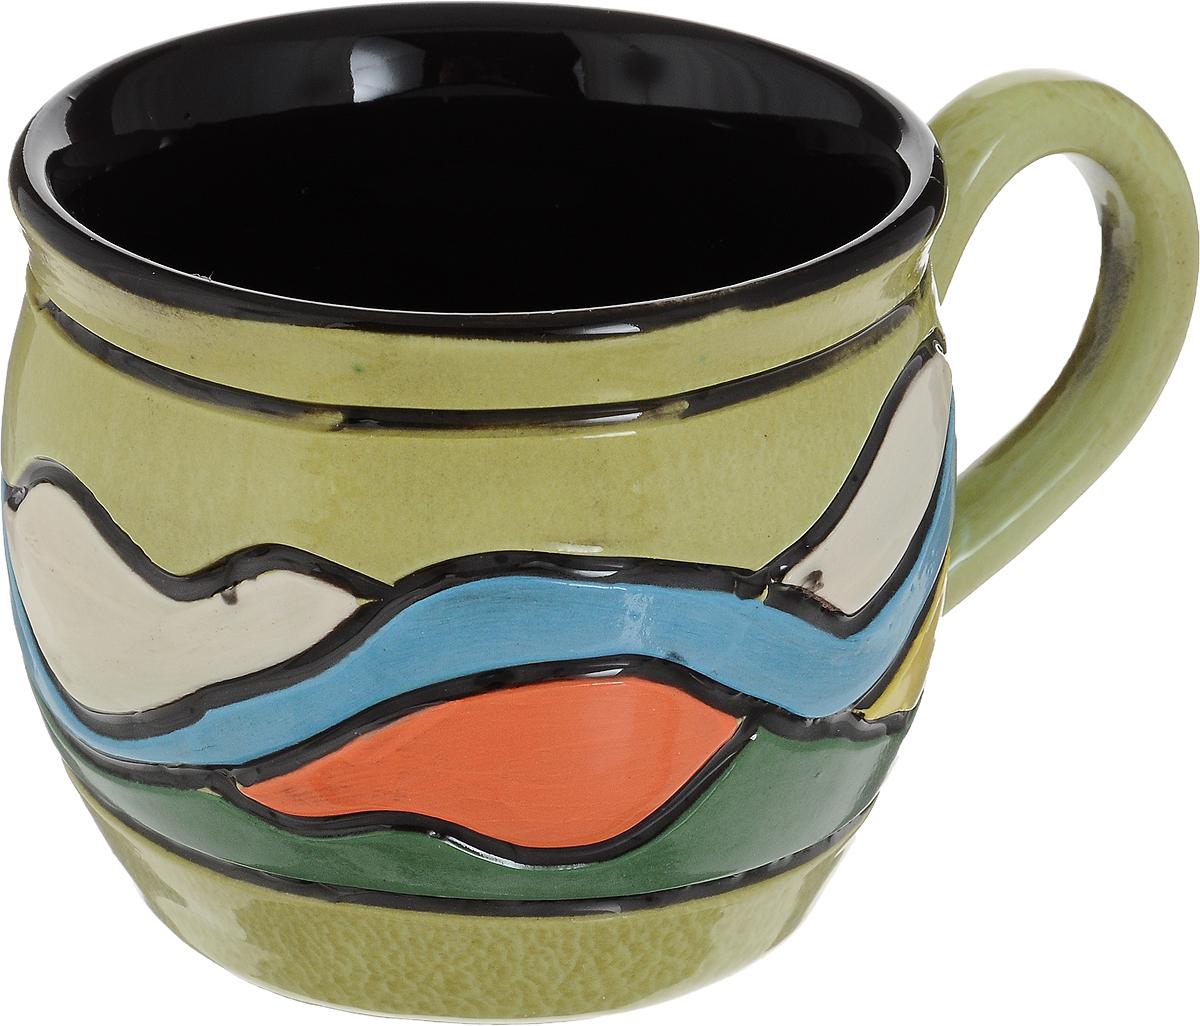 Чашка чайная Борисовская керамика Хэндмэйд. Волны, 300 млОБЧ00003214_салатовый, волныУдобная чашка Борисовская керамика Хэндмэйд предназначена для повседневного использования. Она выполнена из высококачественной керамики. Природные свойства этого материала позволяют долго сохранять температуру напитка, даже если вы пьете что-то холодное.